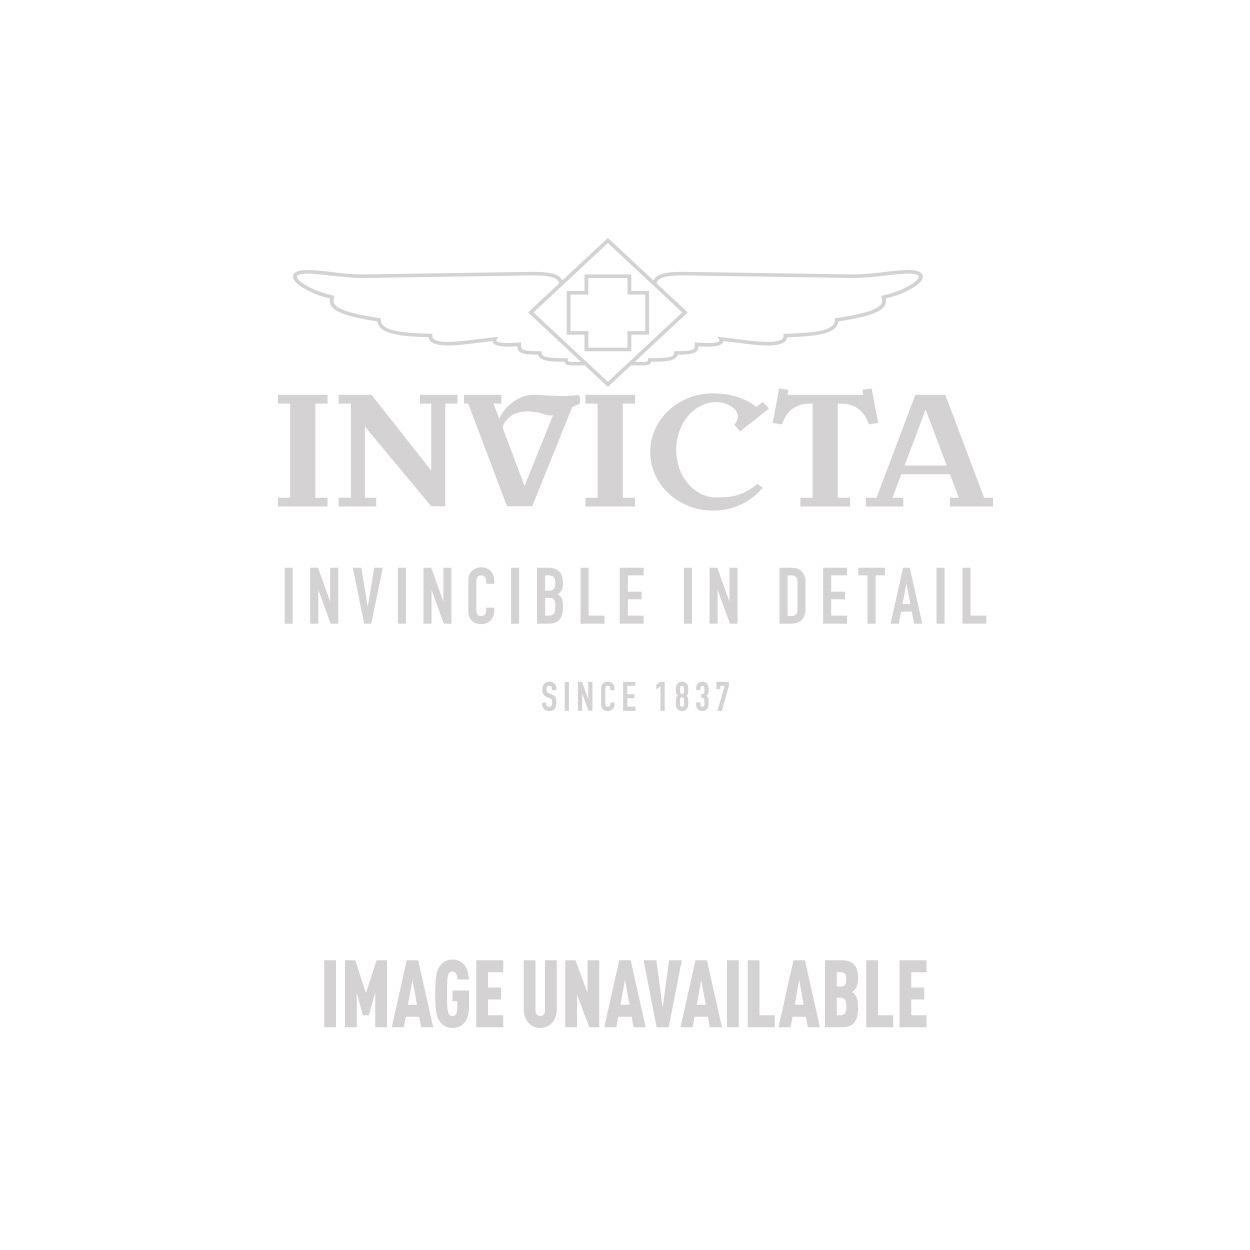 Invicta Model 25406